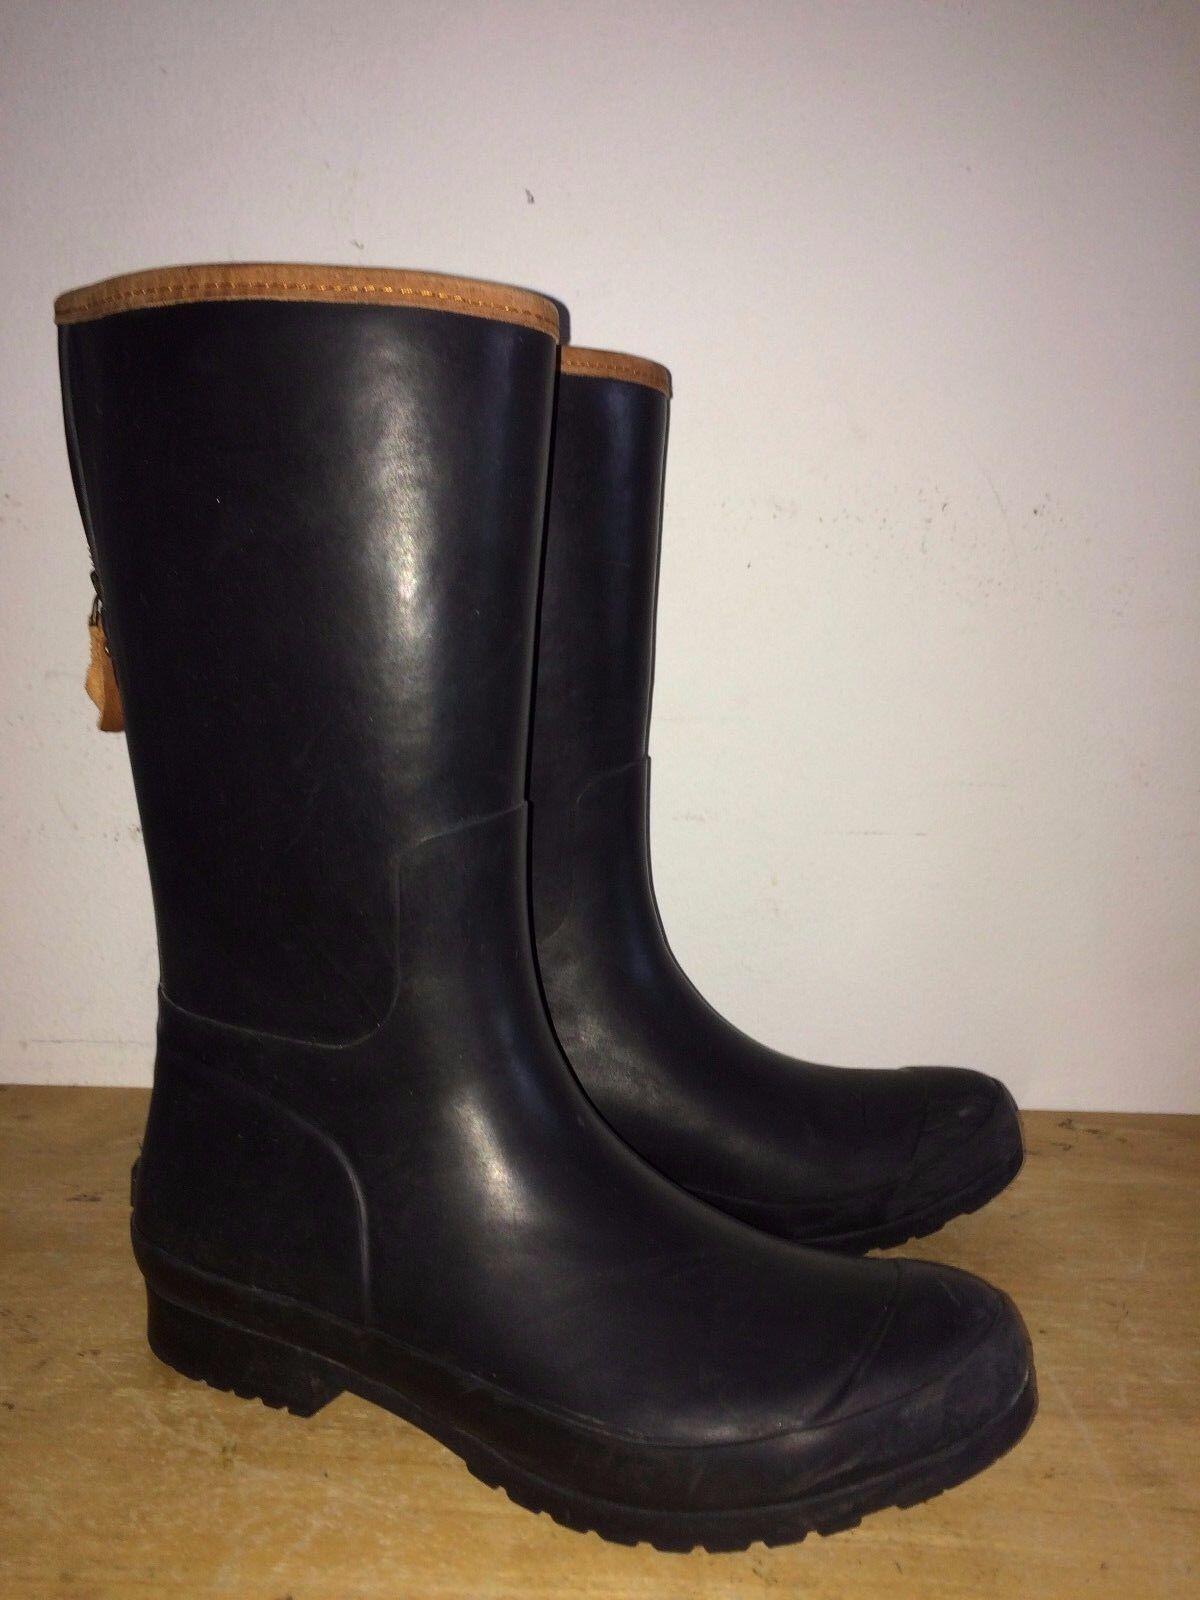 Sperry Top-Sider Walker Mist Black Waterproof Zipper Rubber Boots Size 11 M